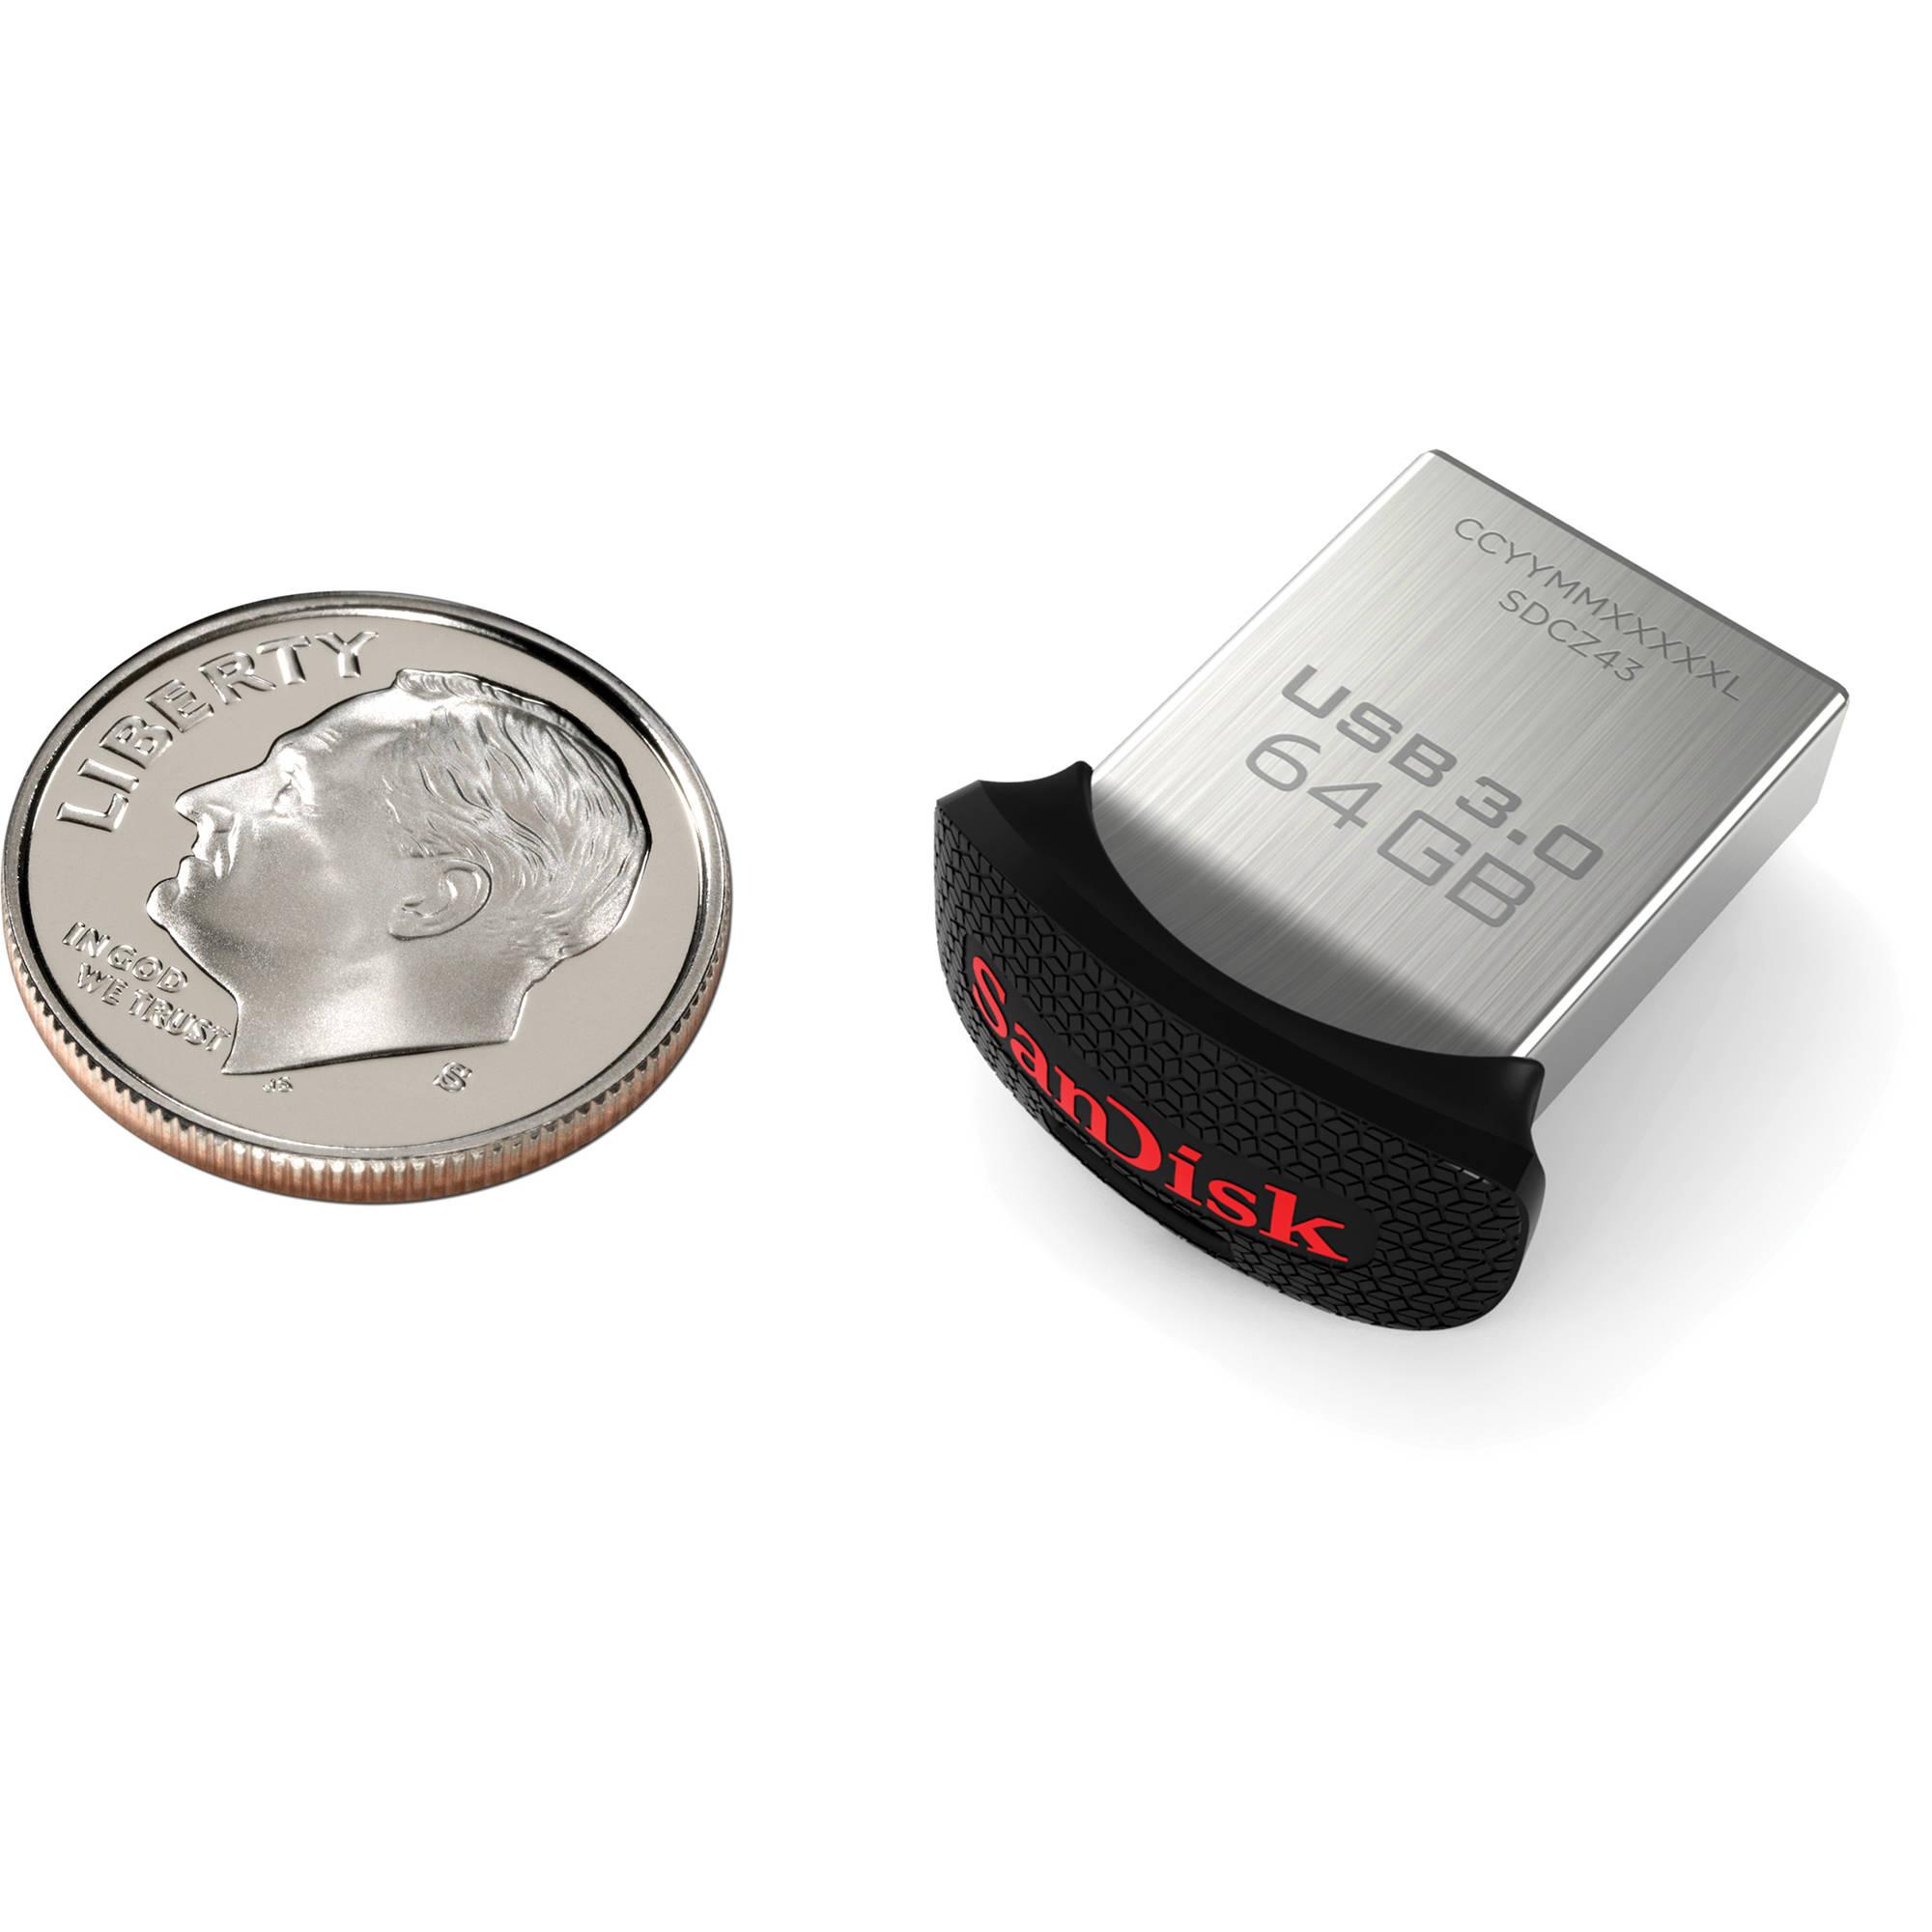 SanDisk 64GB CZ43 Ultra Fit USB 3 0